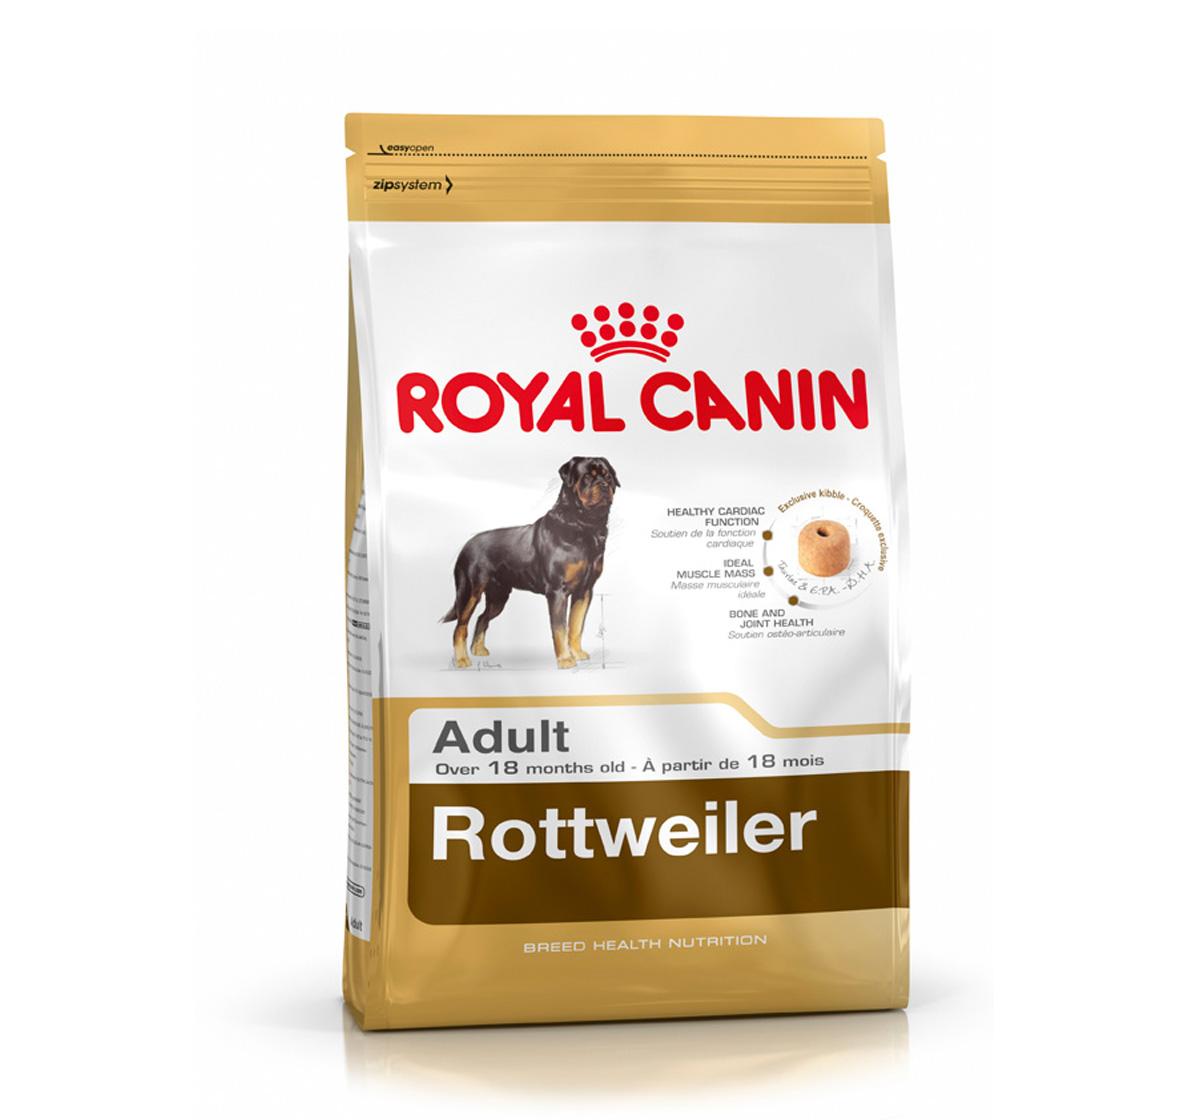 Rottweiler Dog Food Online